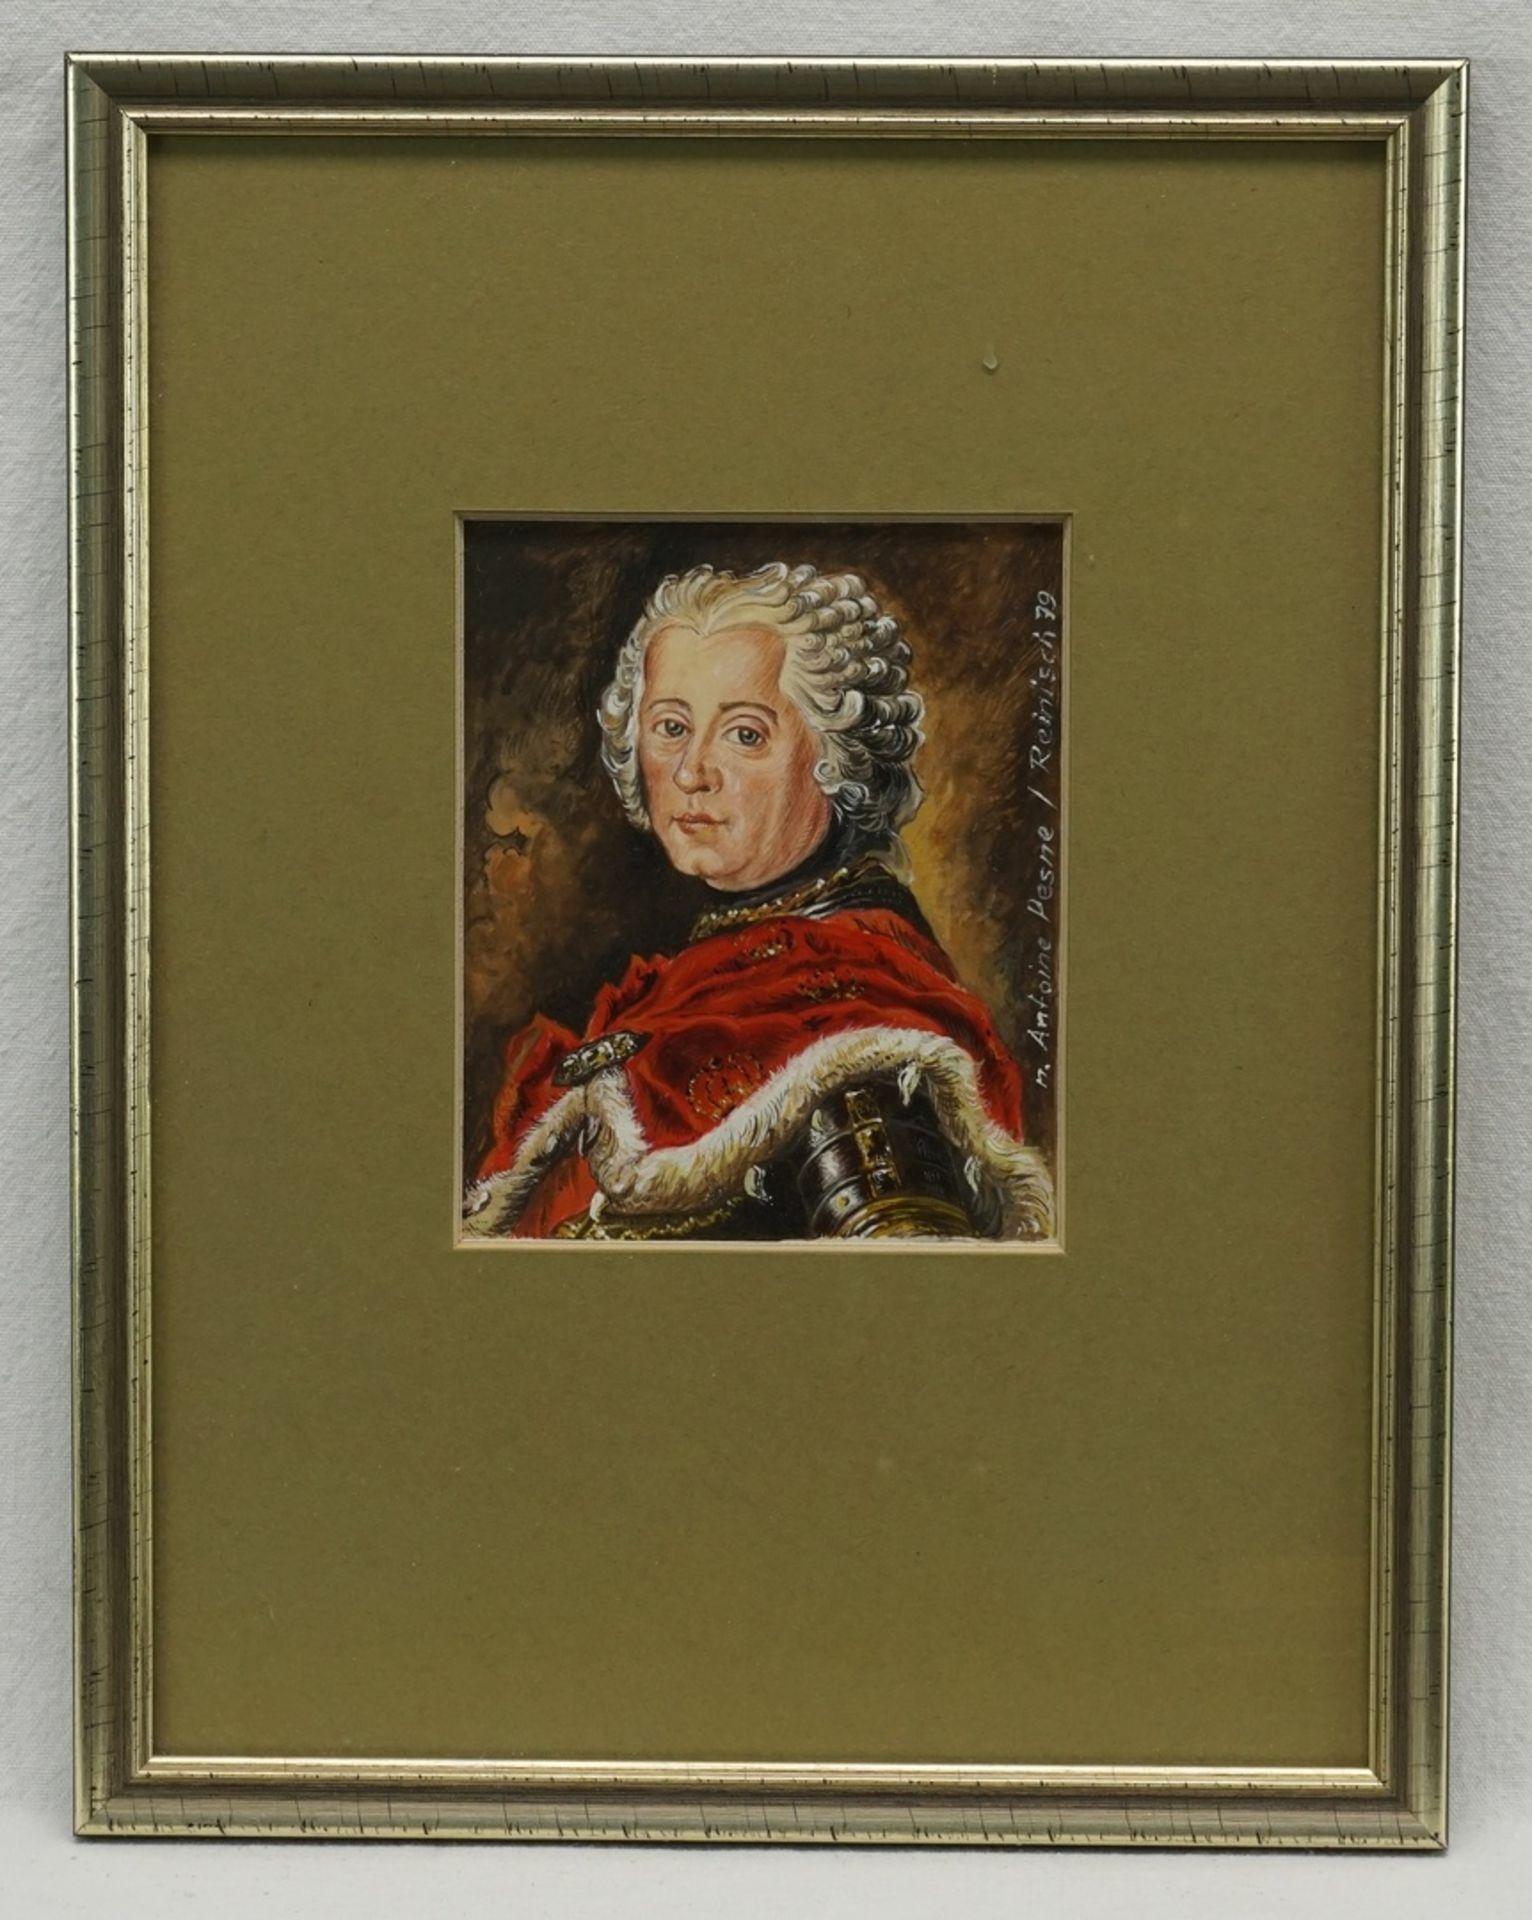 Rudolf Reinisch, Sechs Miniaturbilder - Bild 3 aus 4